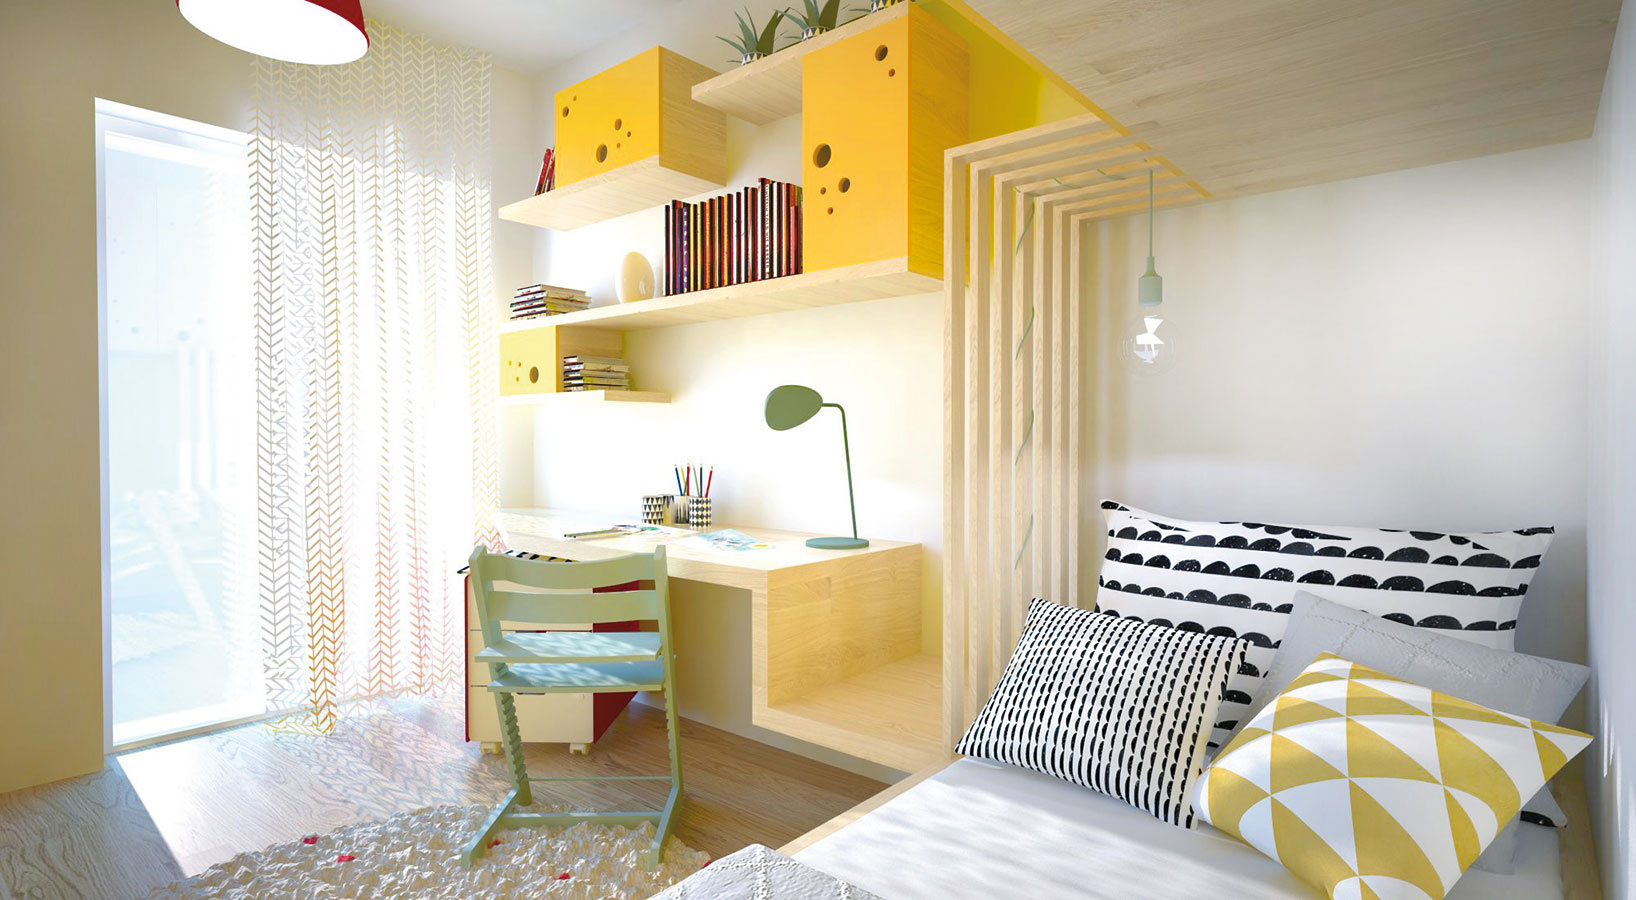 Bunker zpostele. Úložné priestory zámerne prekrývajú časť postele. Pridaním žiarovkového svietidla sa premení na kútik na čítanie.